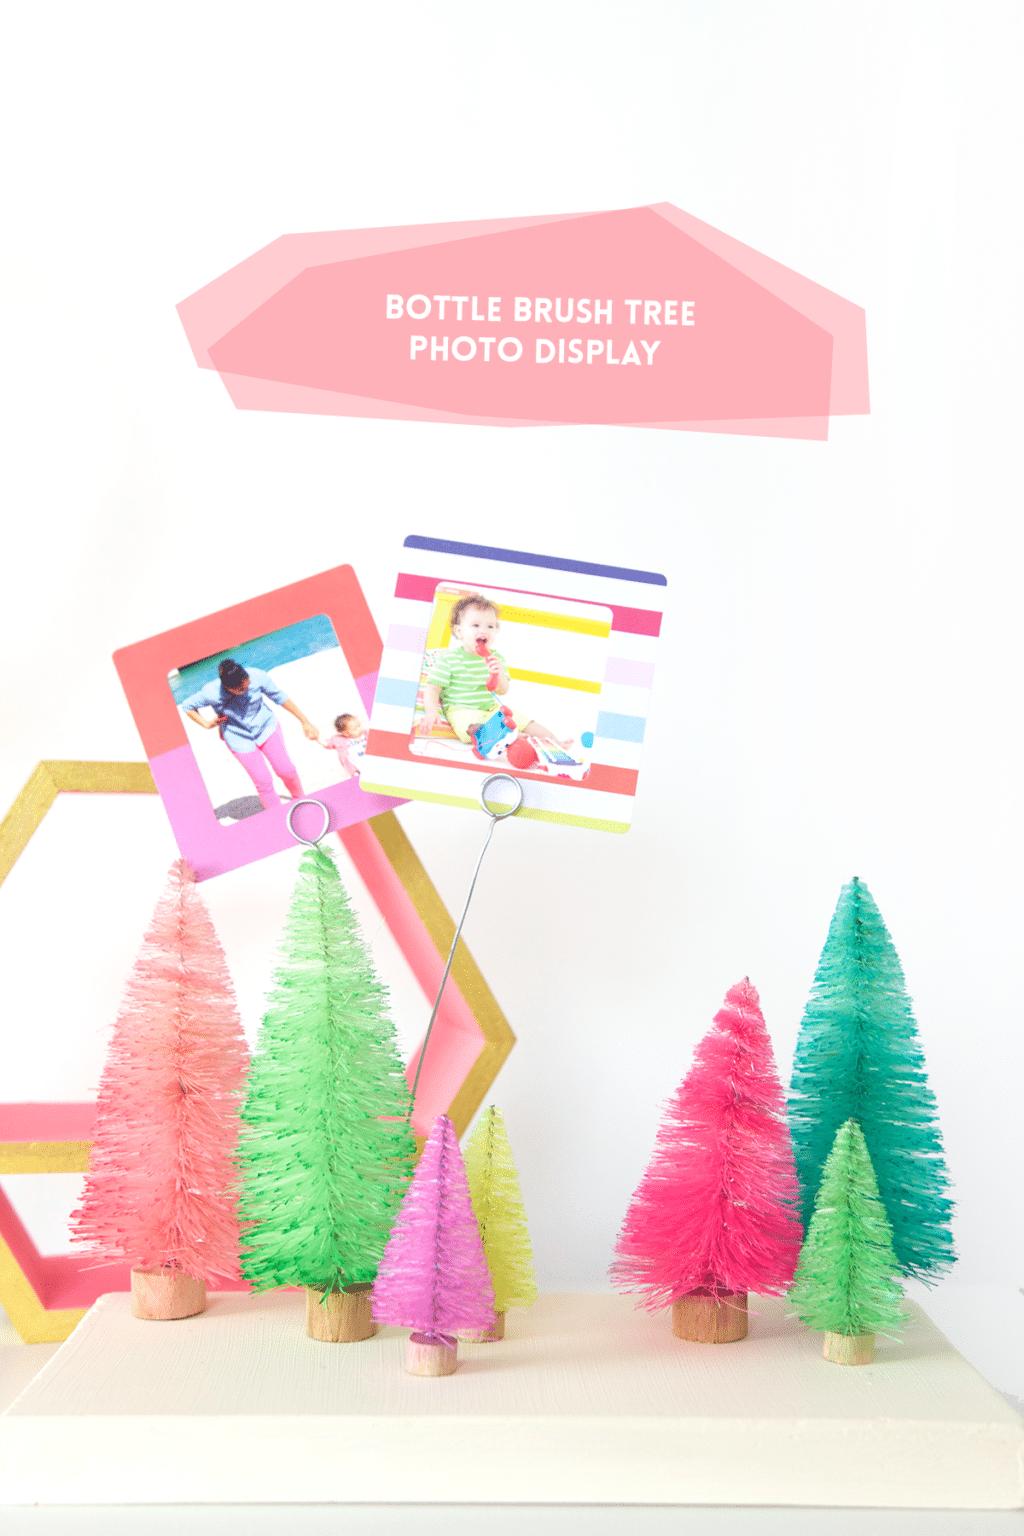 DIY Bottle Brush Tree Photo Display | damask love